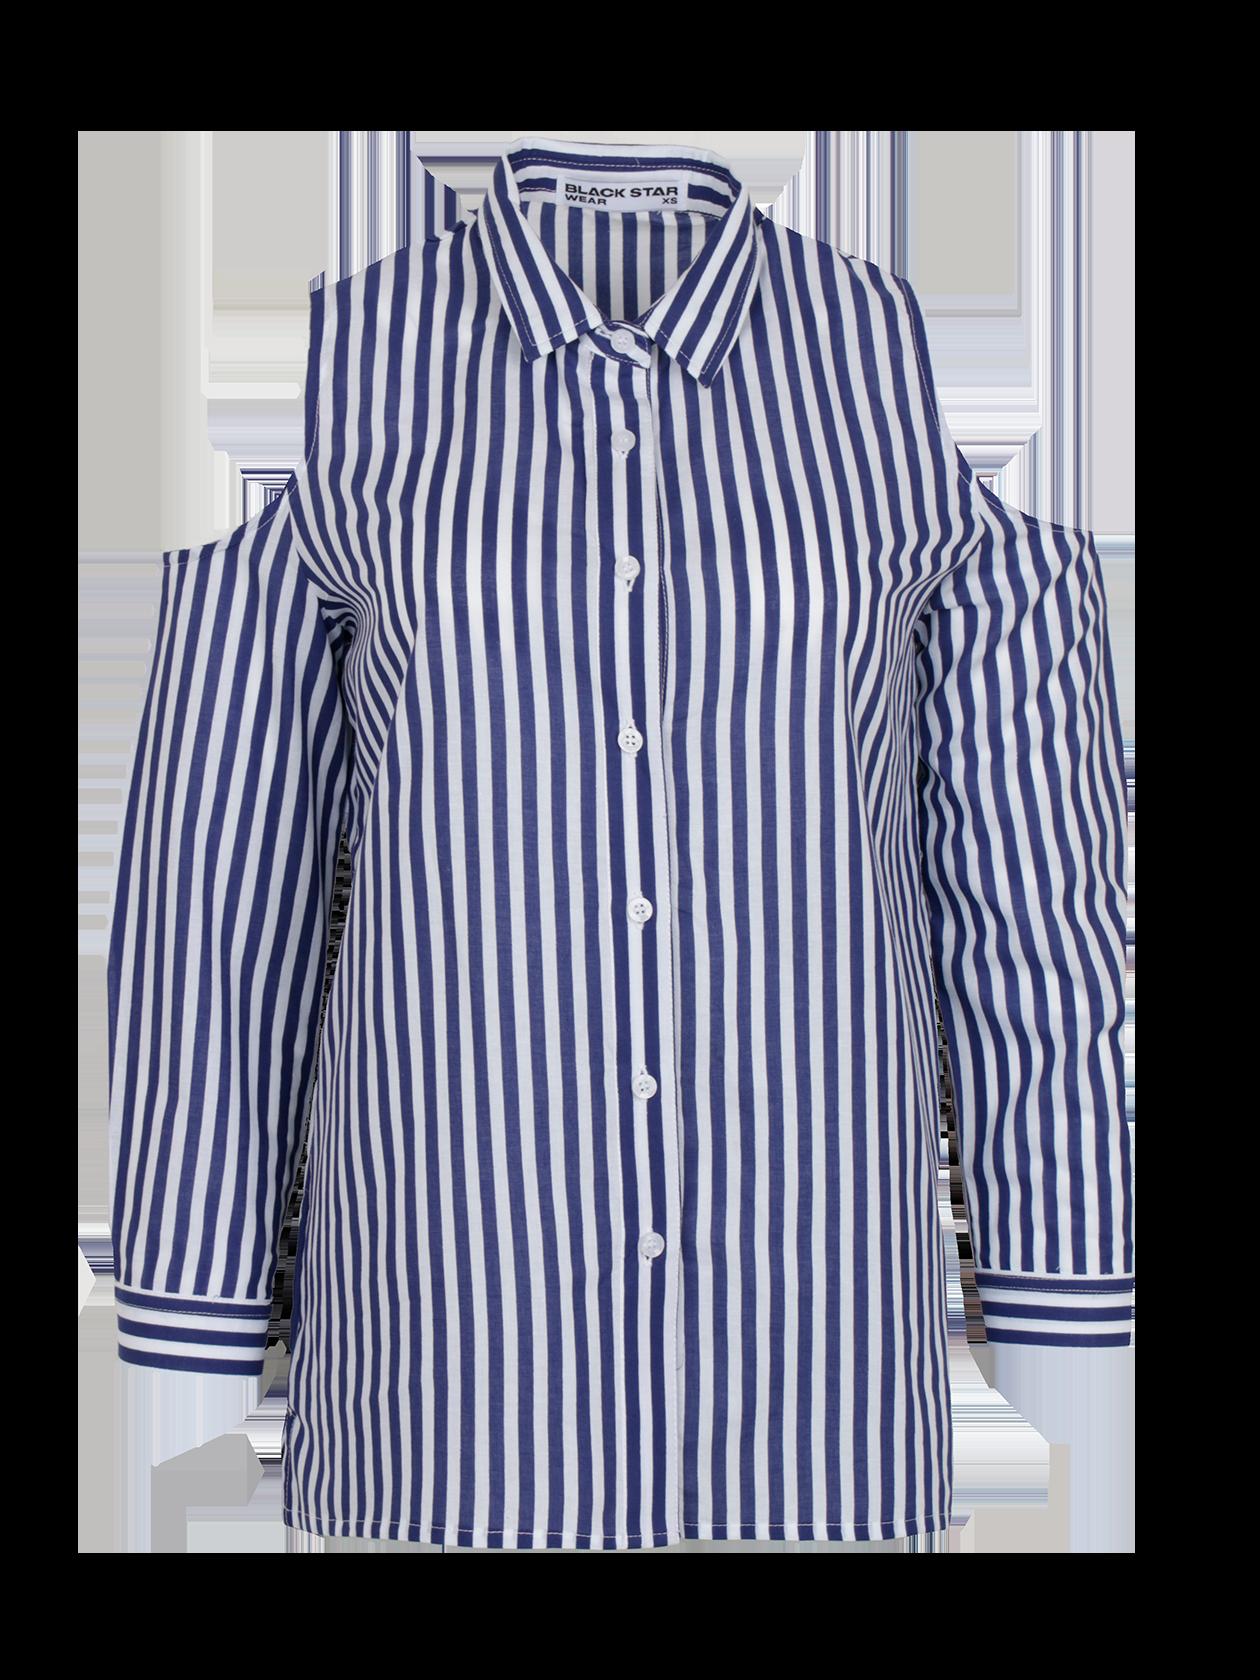 Рубашка женская ROYALTY 13Модная рубашка женская Royalty 13 для создания стильного образа на каждый день. Модель классического дизайна с прямым кроем, рубашечным воротником и планкой с пуговицами. Эффектная фишка изделия – глубокий вырез в верхней части рукавов. Для пошива вещи использовано особое хлопковое полотно, отличающееся практичностью и долговечностью. Рубашка представлена в белой, ментоловой и синий/белой расцветке. Подберите к ней леггинсы, брюки или юбку из коллекции Black Star Wear и станьте настоящей иконой стиля.<br><br>Размер: M<br>Цвет: Черный/Белый<br>Пол: Женский